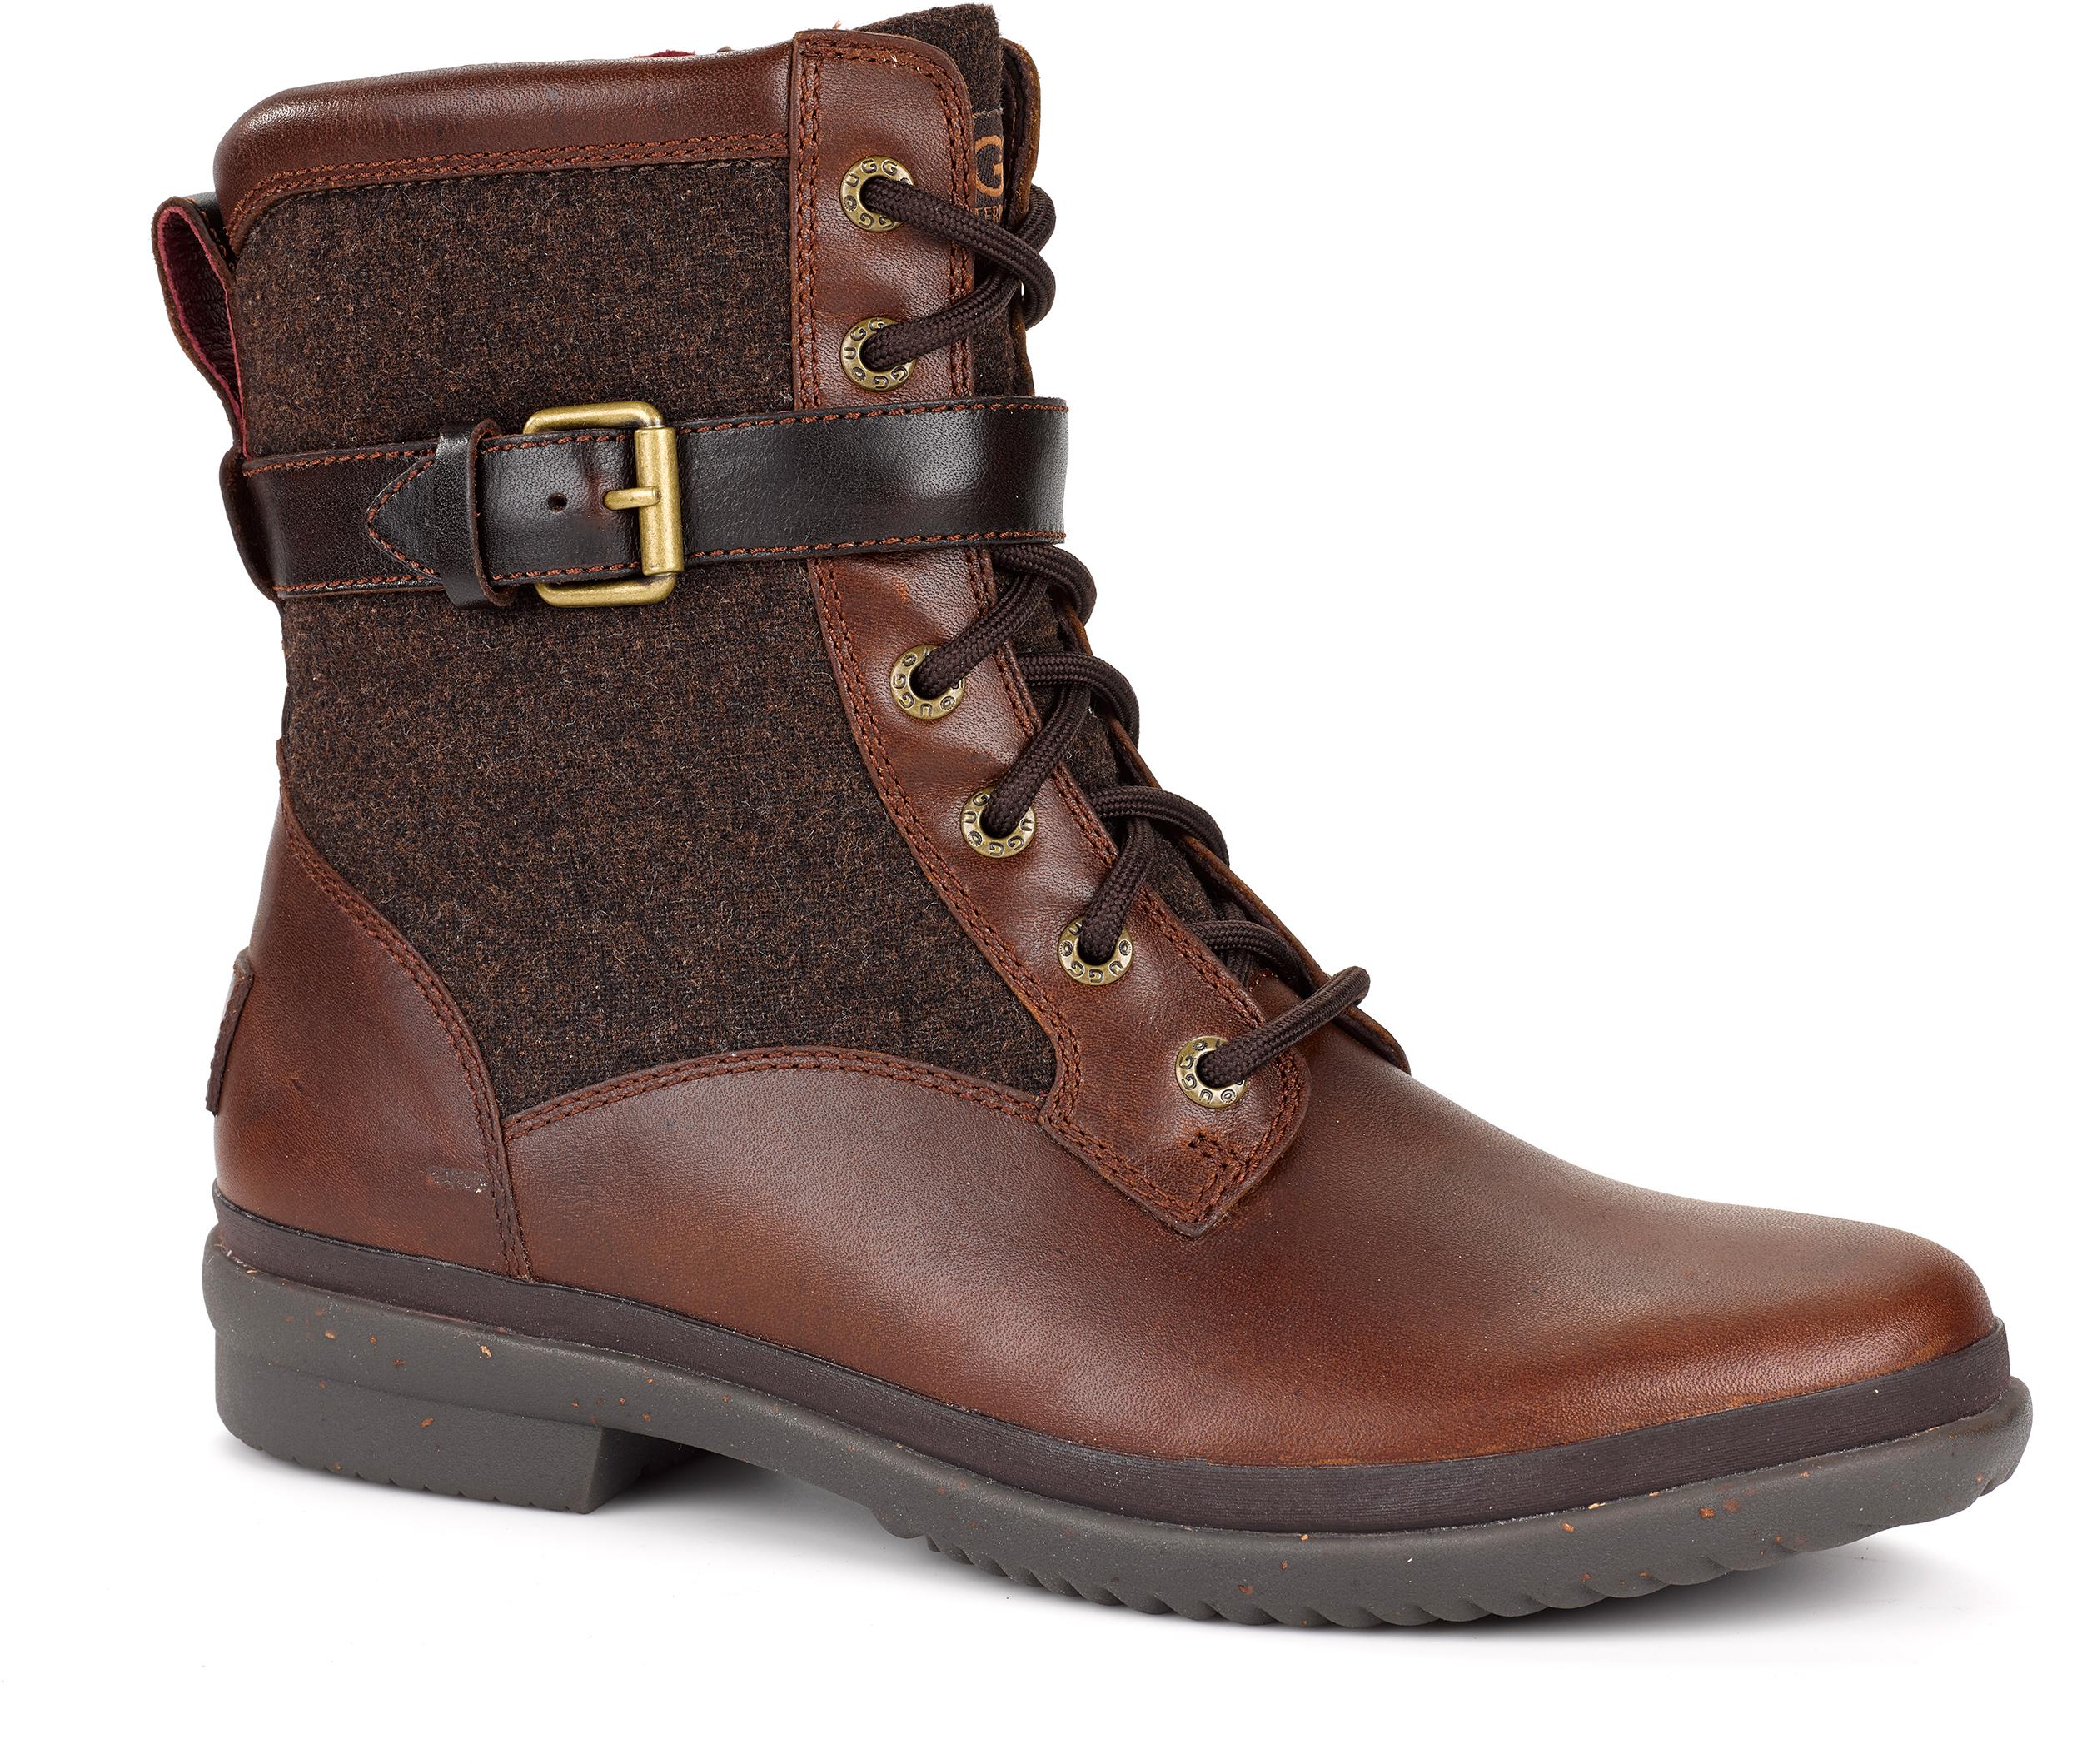 f2abeb6637e UGG Kesey Waterproof Boots - Women's